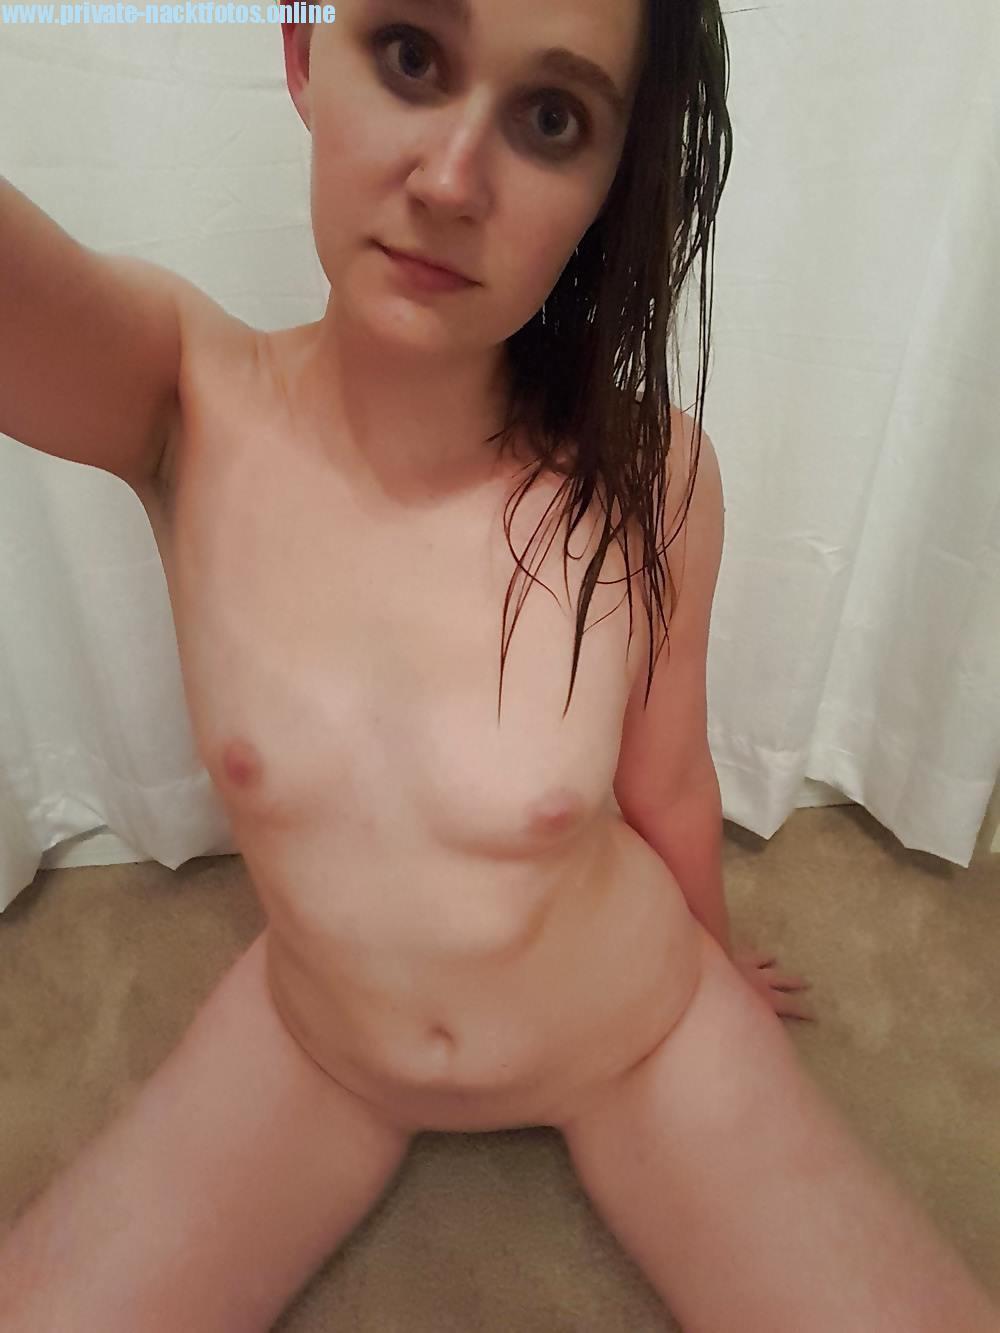 Selfie Nackt Im Hocken Privat